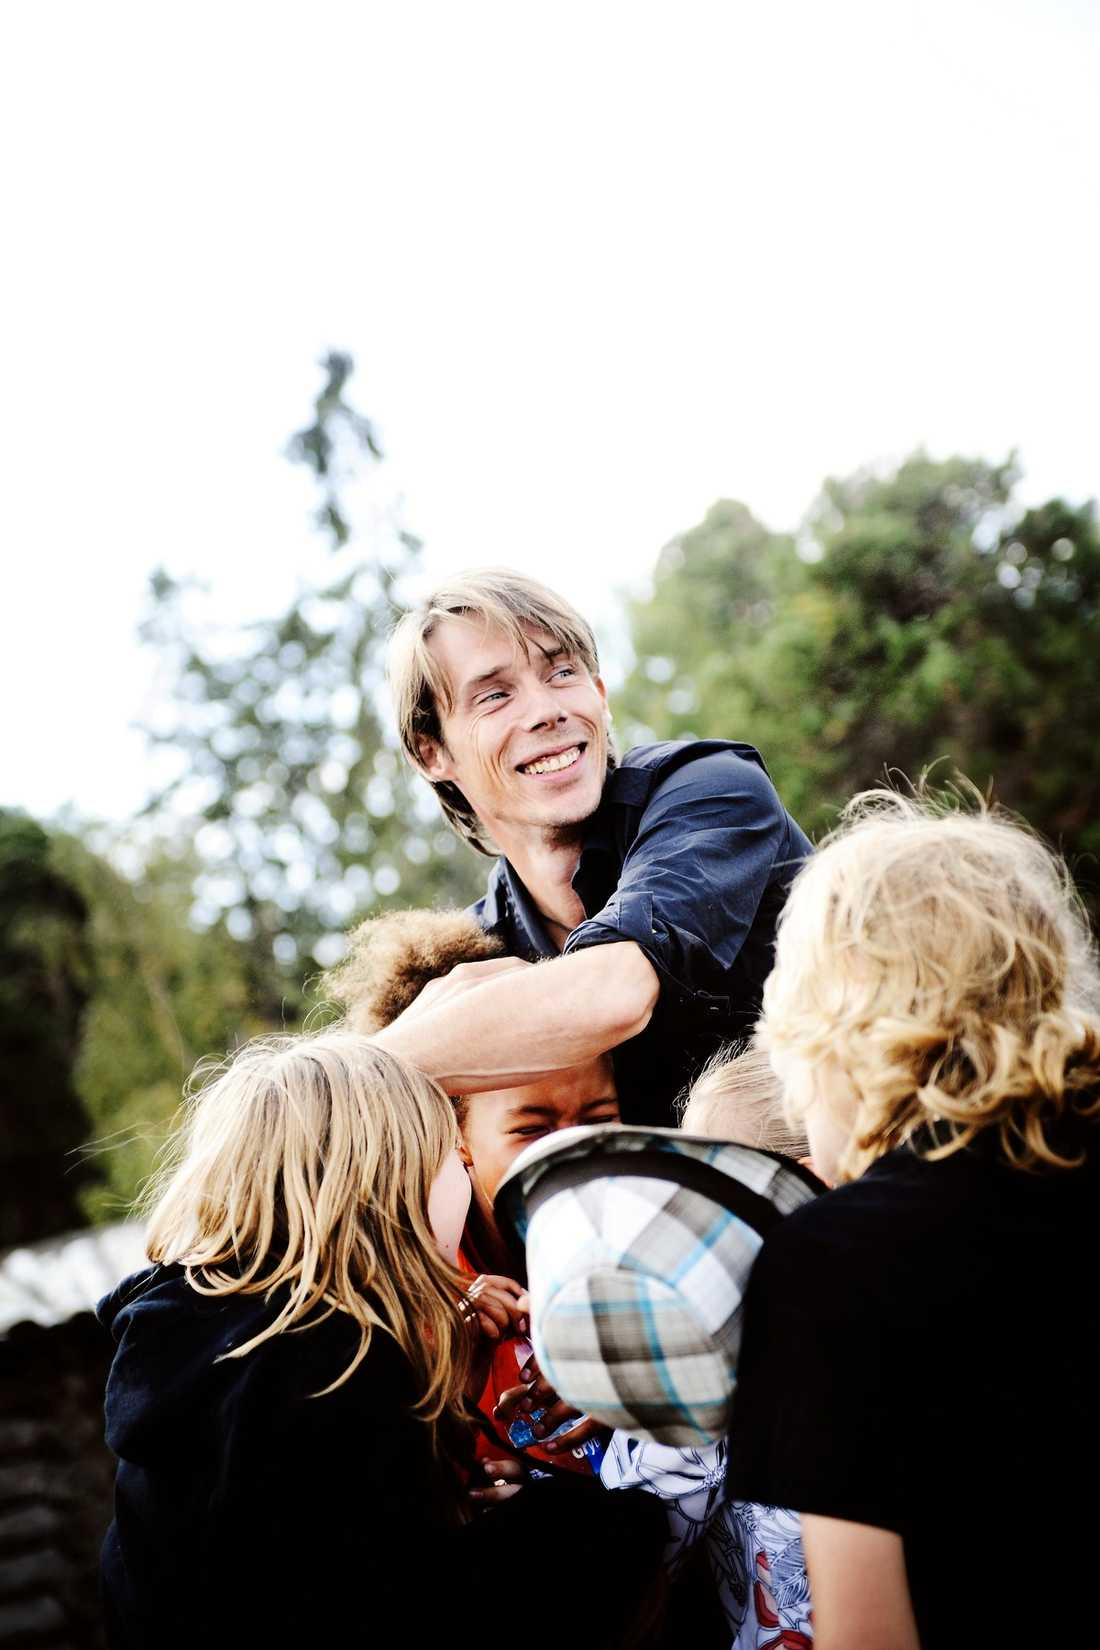 """Ola Lindholm är programledare för """"Wild Kids"""" i SVT, chefredaktör för KP och sitter i BRIS styrelse."""